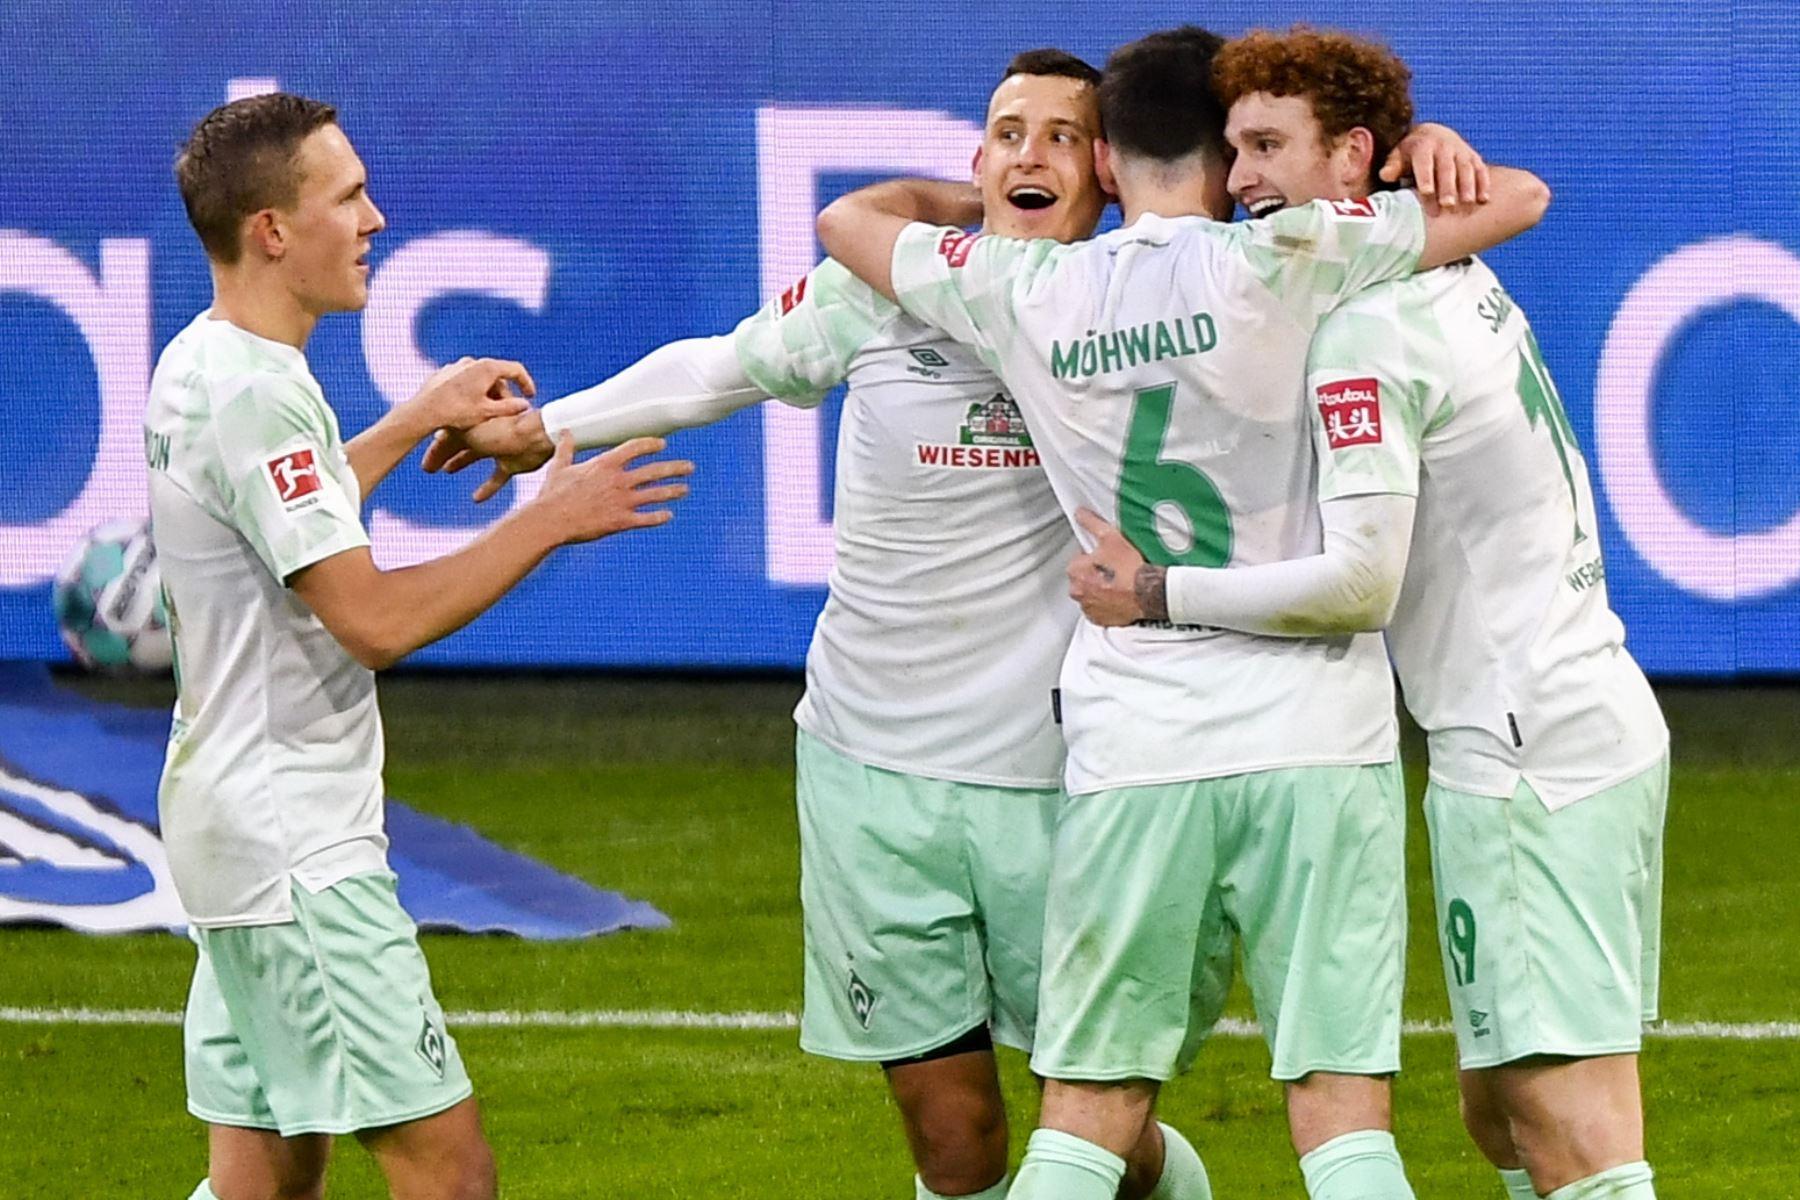 Los jugadores del Bremen celebran el 0-1 durante el partido de fútbol de la Bundesliga. Foto: AFP